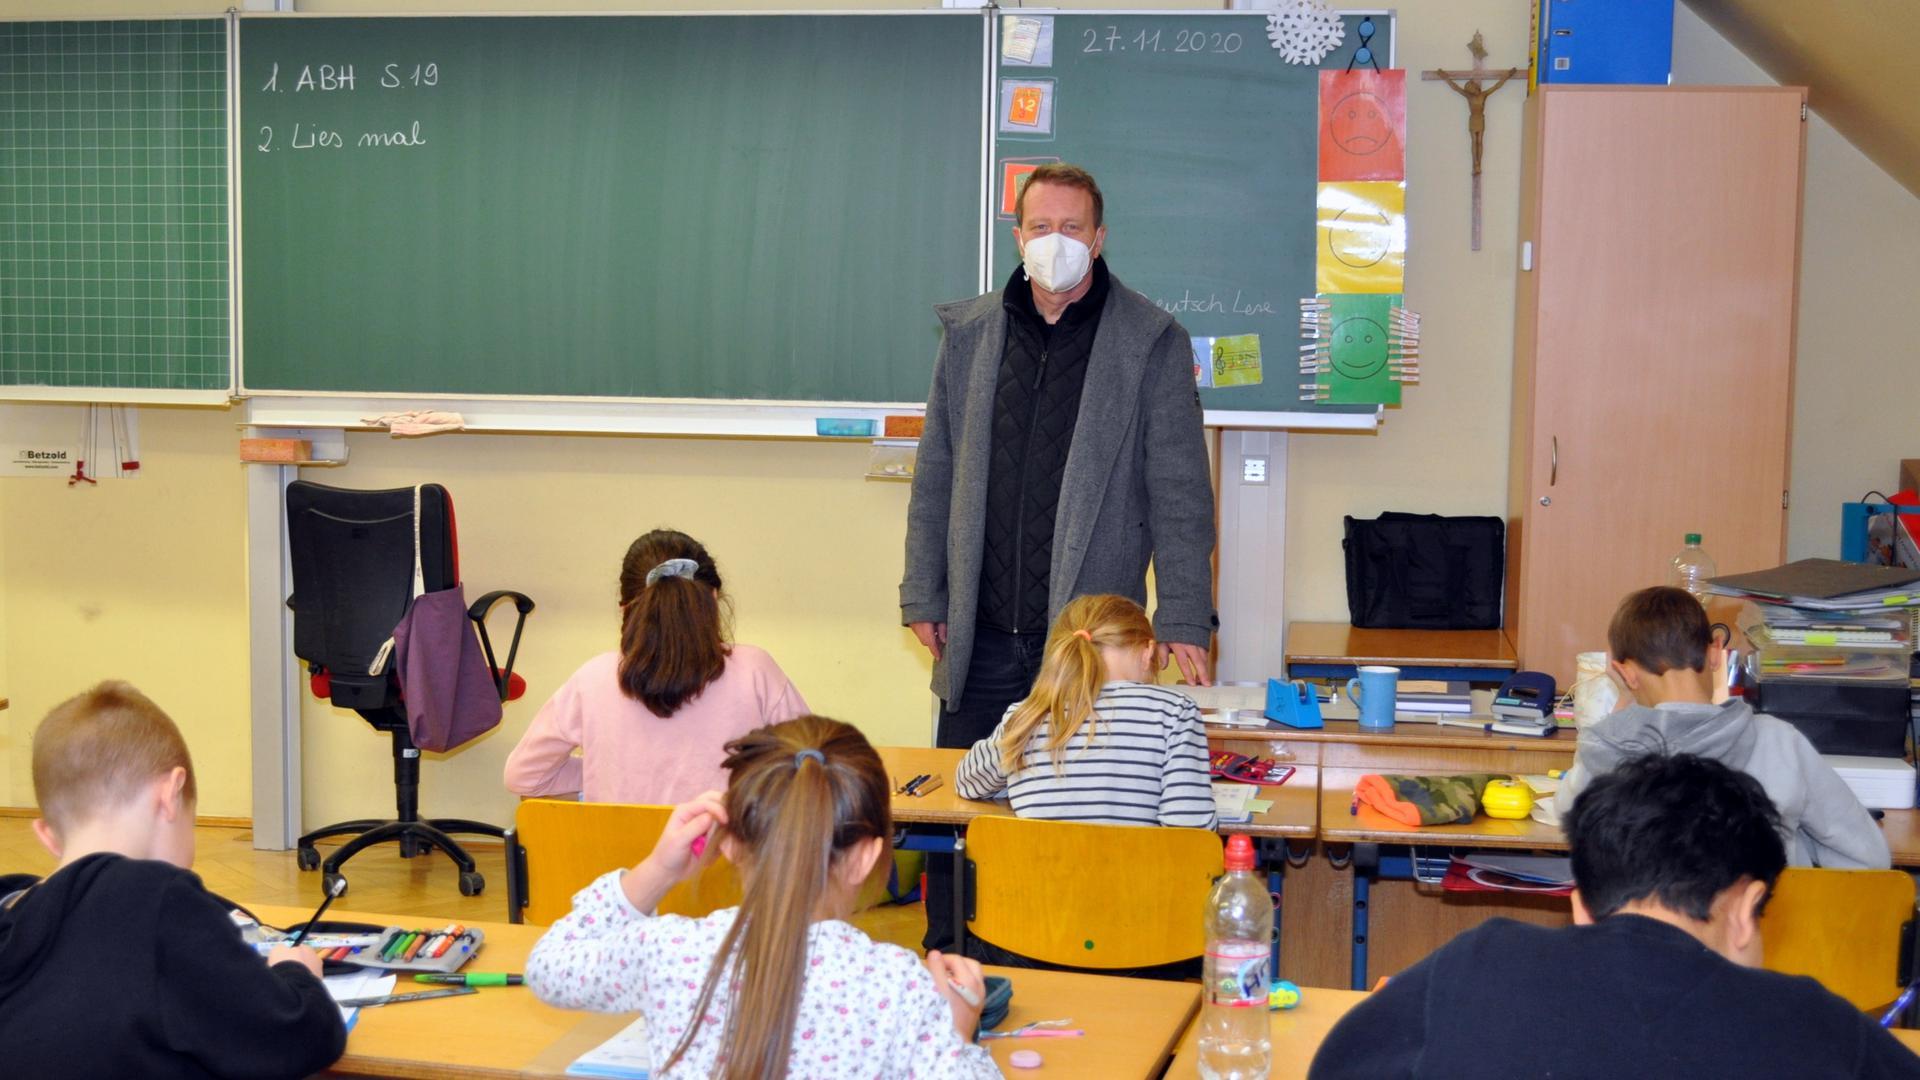 Unterricht im Testzimmer: Die Hans-Thoma-Schule hat ein CO2-Messgerät der Stadtwerke Gaggenau ausprobiert. Es soll das Lüftungskonzept unterstützen, erklärt Schulleiter Rudolf Retzler.